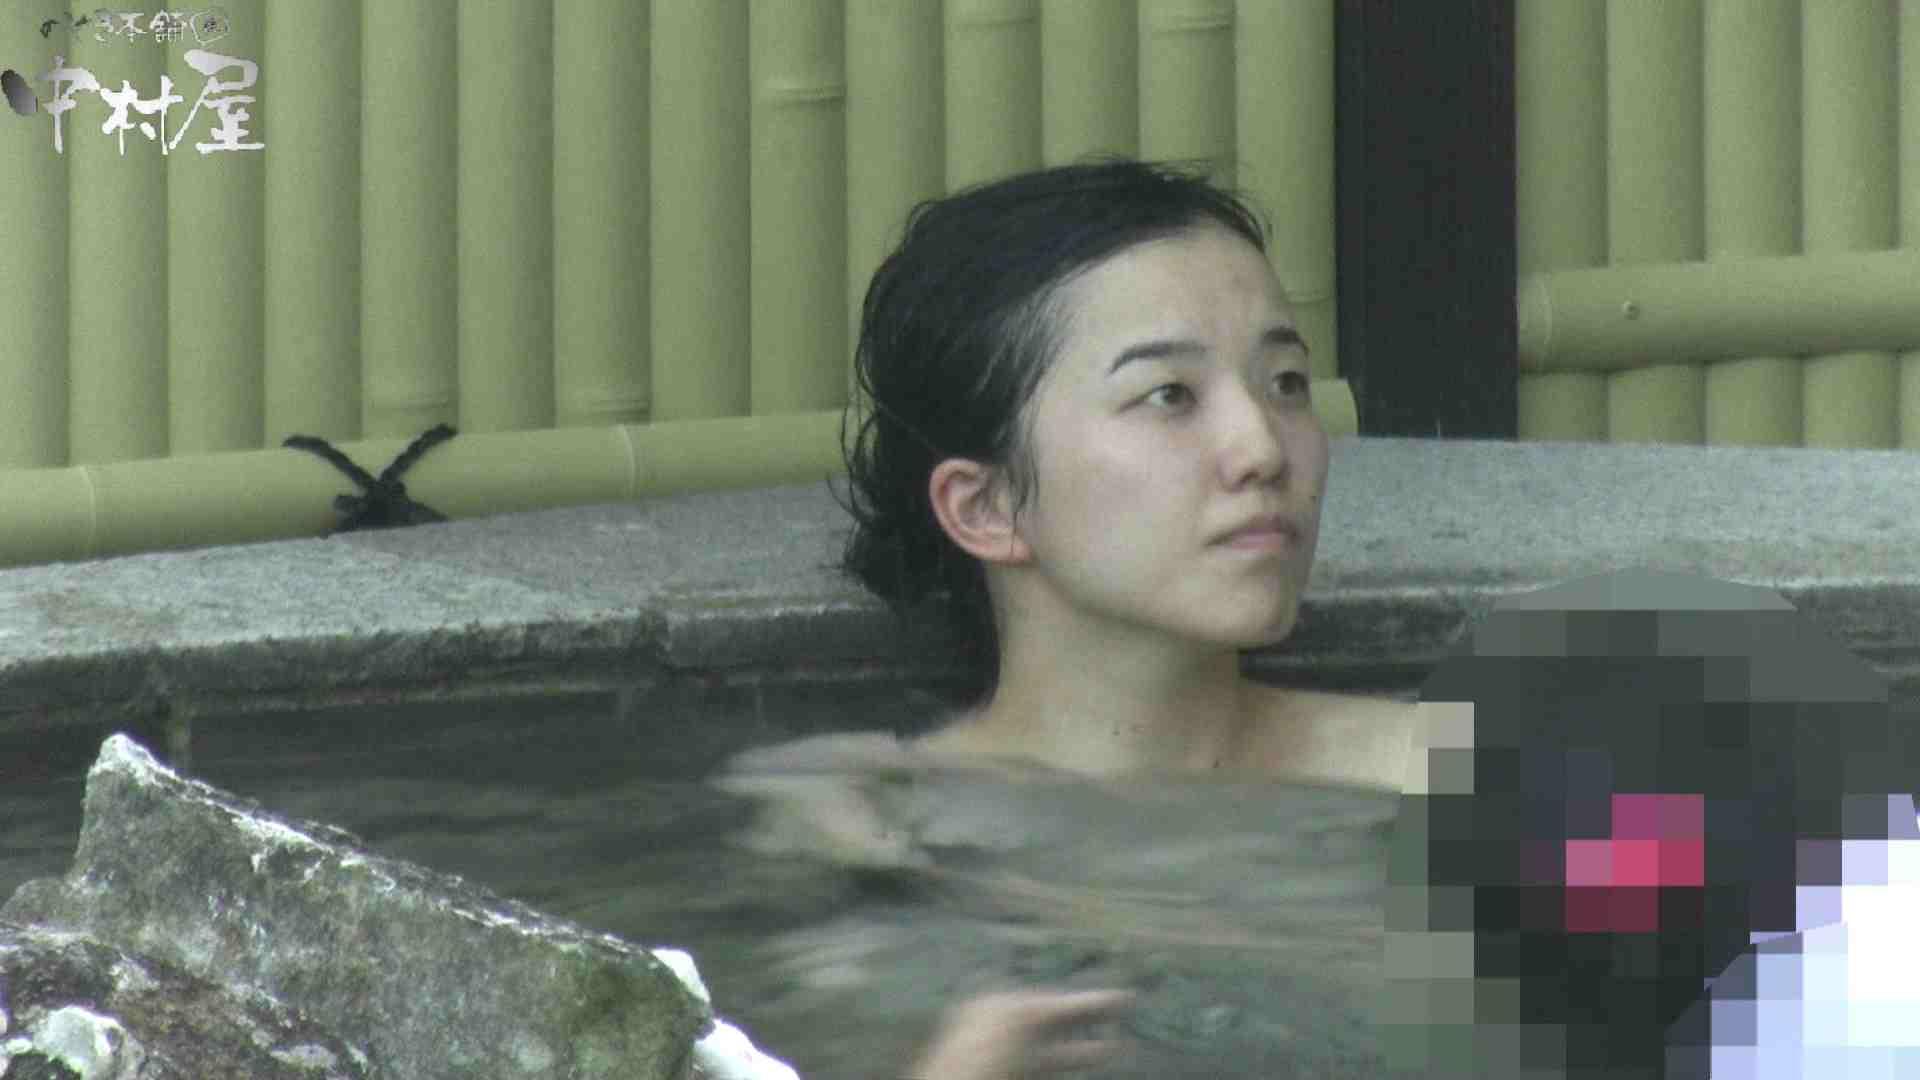 Aquaな露天風呂Vol.908 OLのエロ生活 | 盗撮  28連発 13